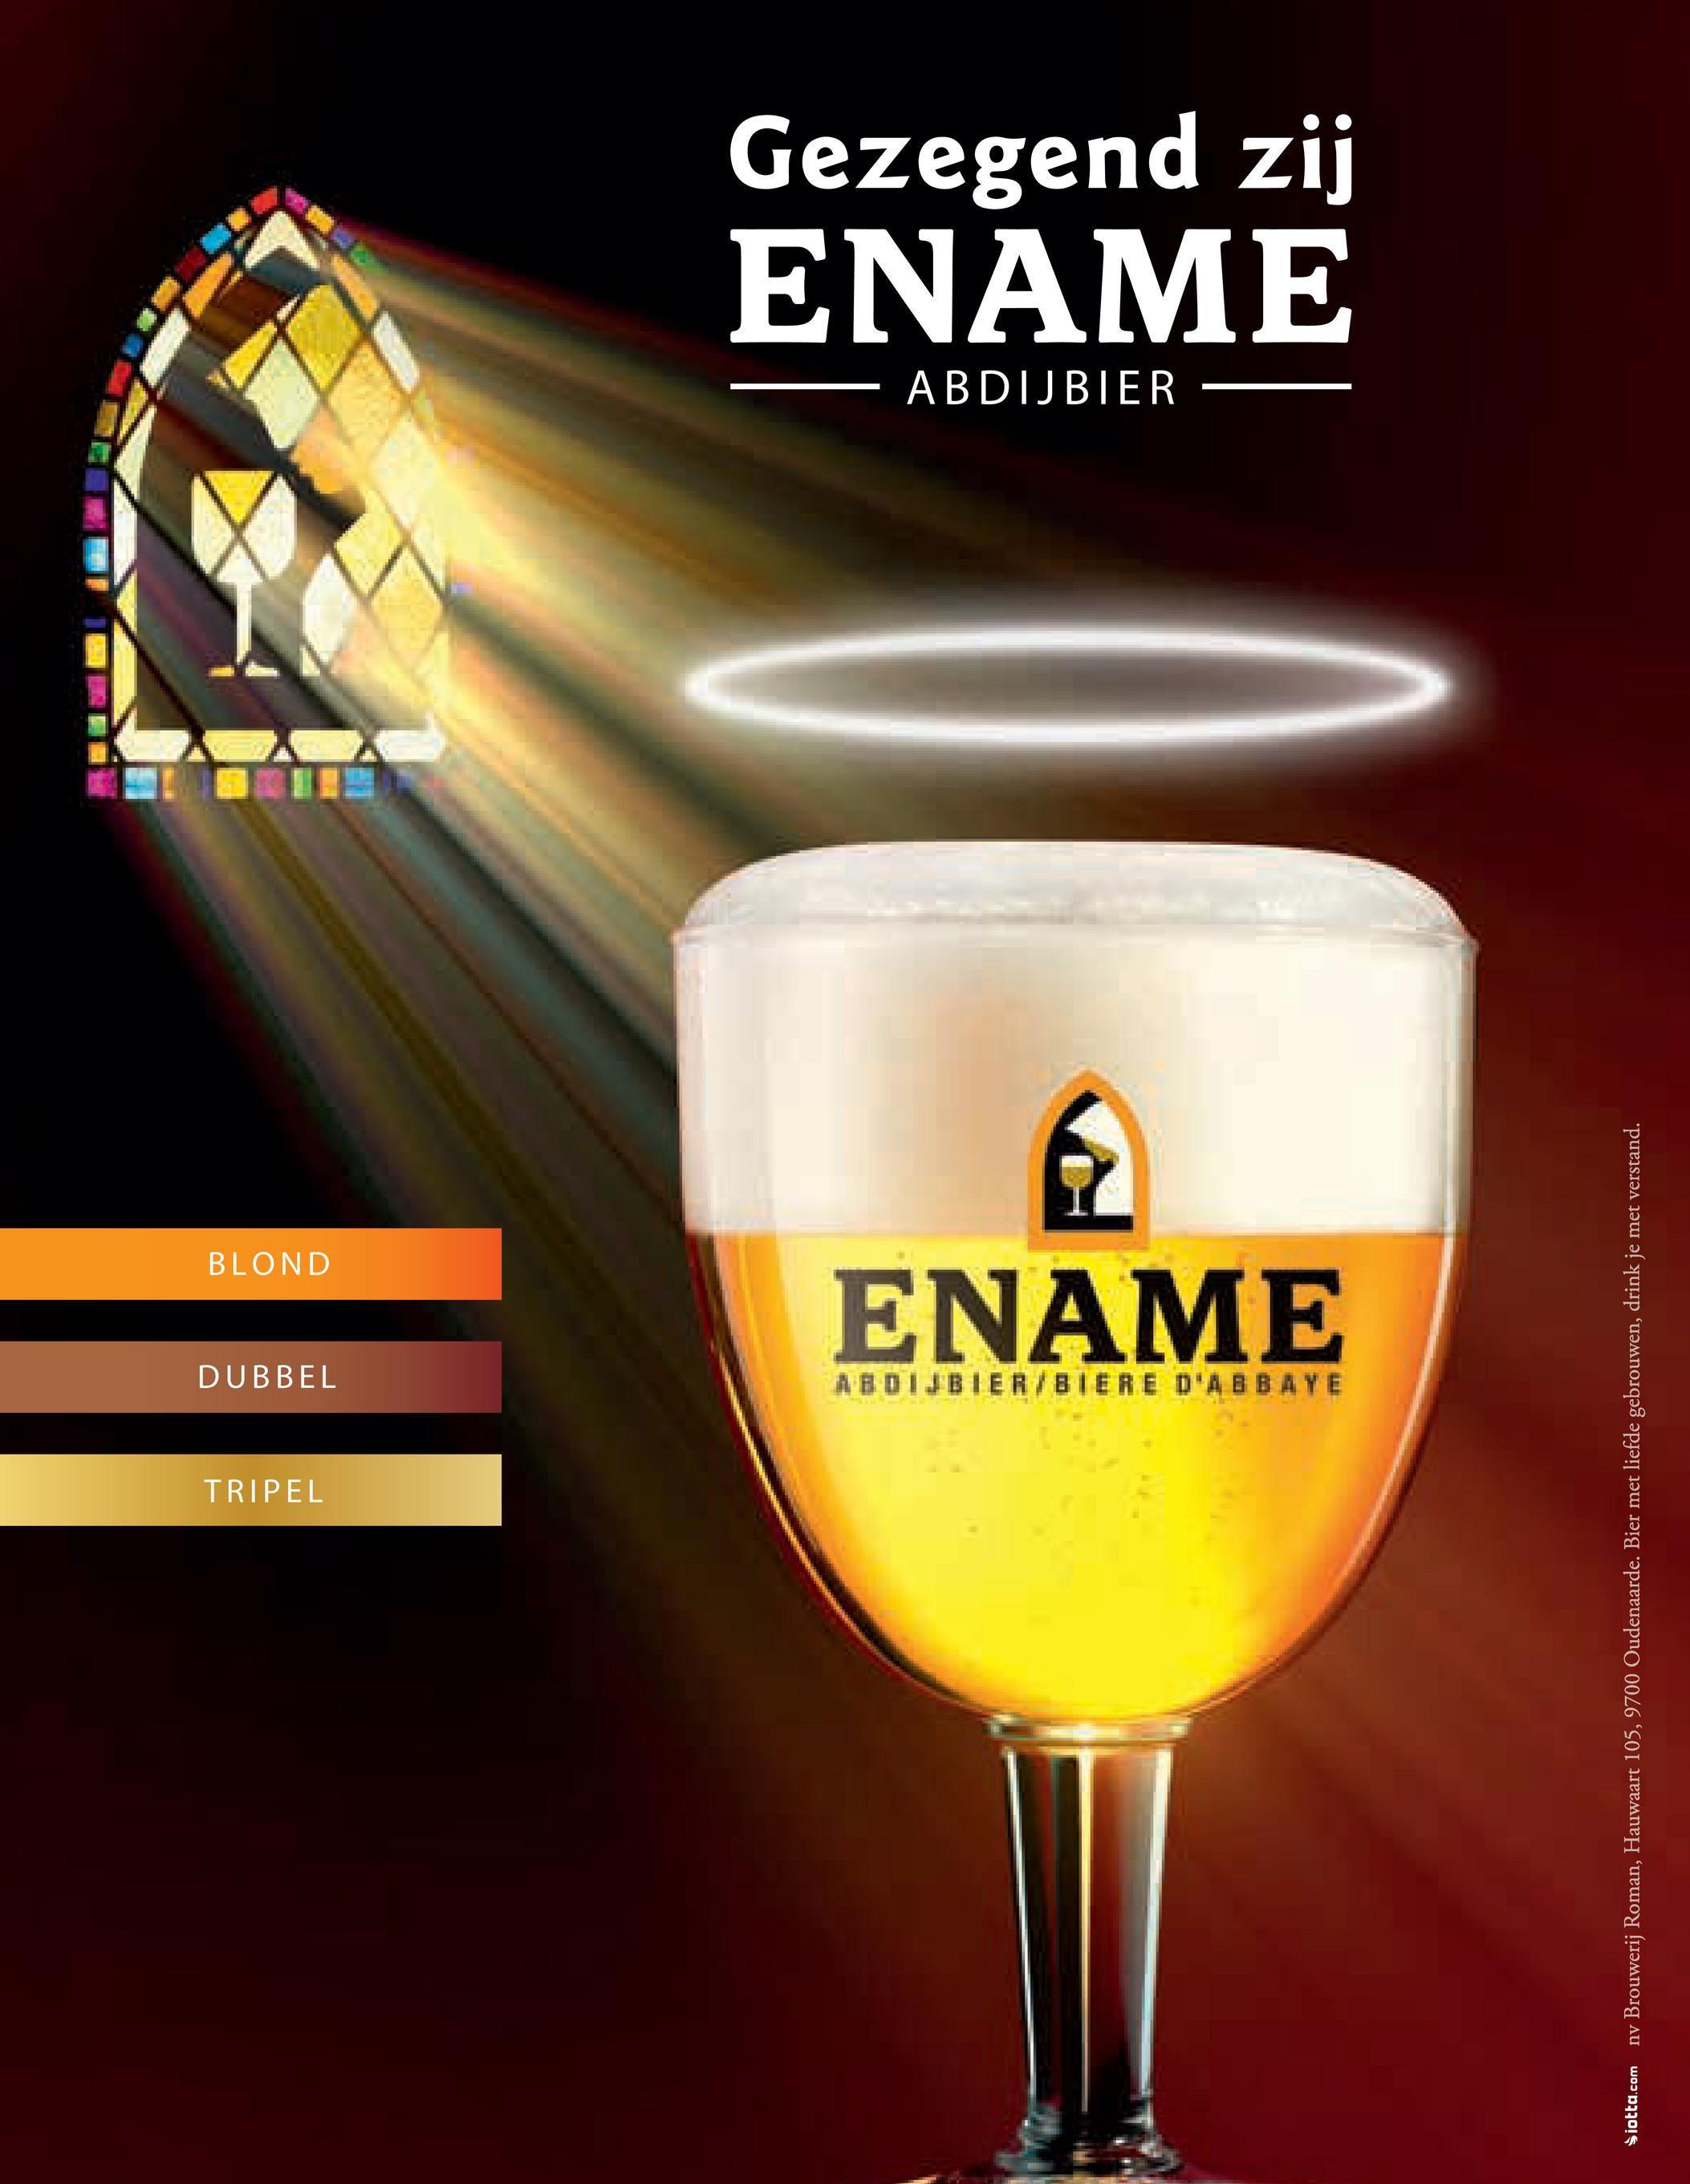 TRIPEL DUBBEL BLOND ENAME ABDIJBIER ENAME Gezegend zij Siotta.com nv Brouwerij Roman, Hauwaart 105, 9700 Oudenaarde. Bier met liefde gebrouwen, drink je met verstand.